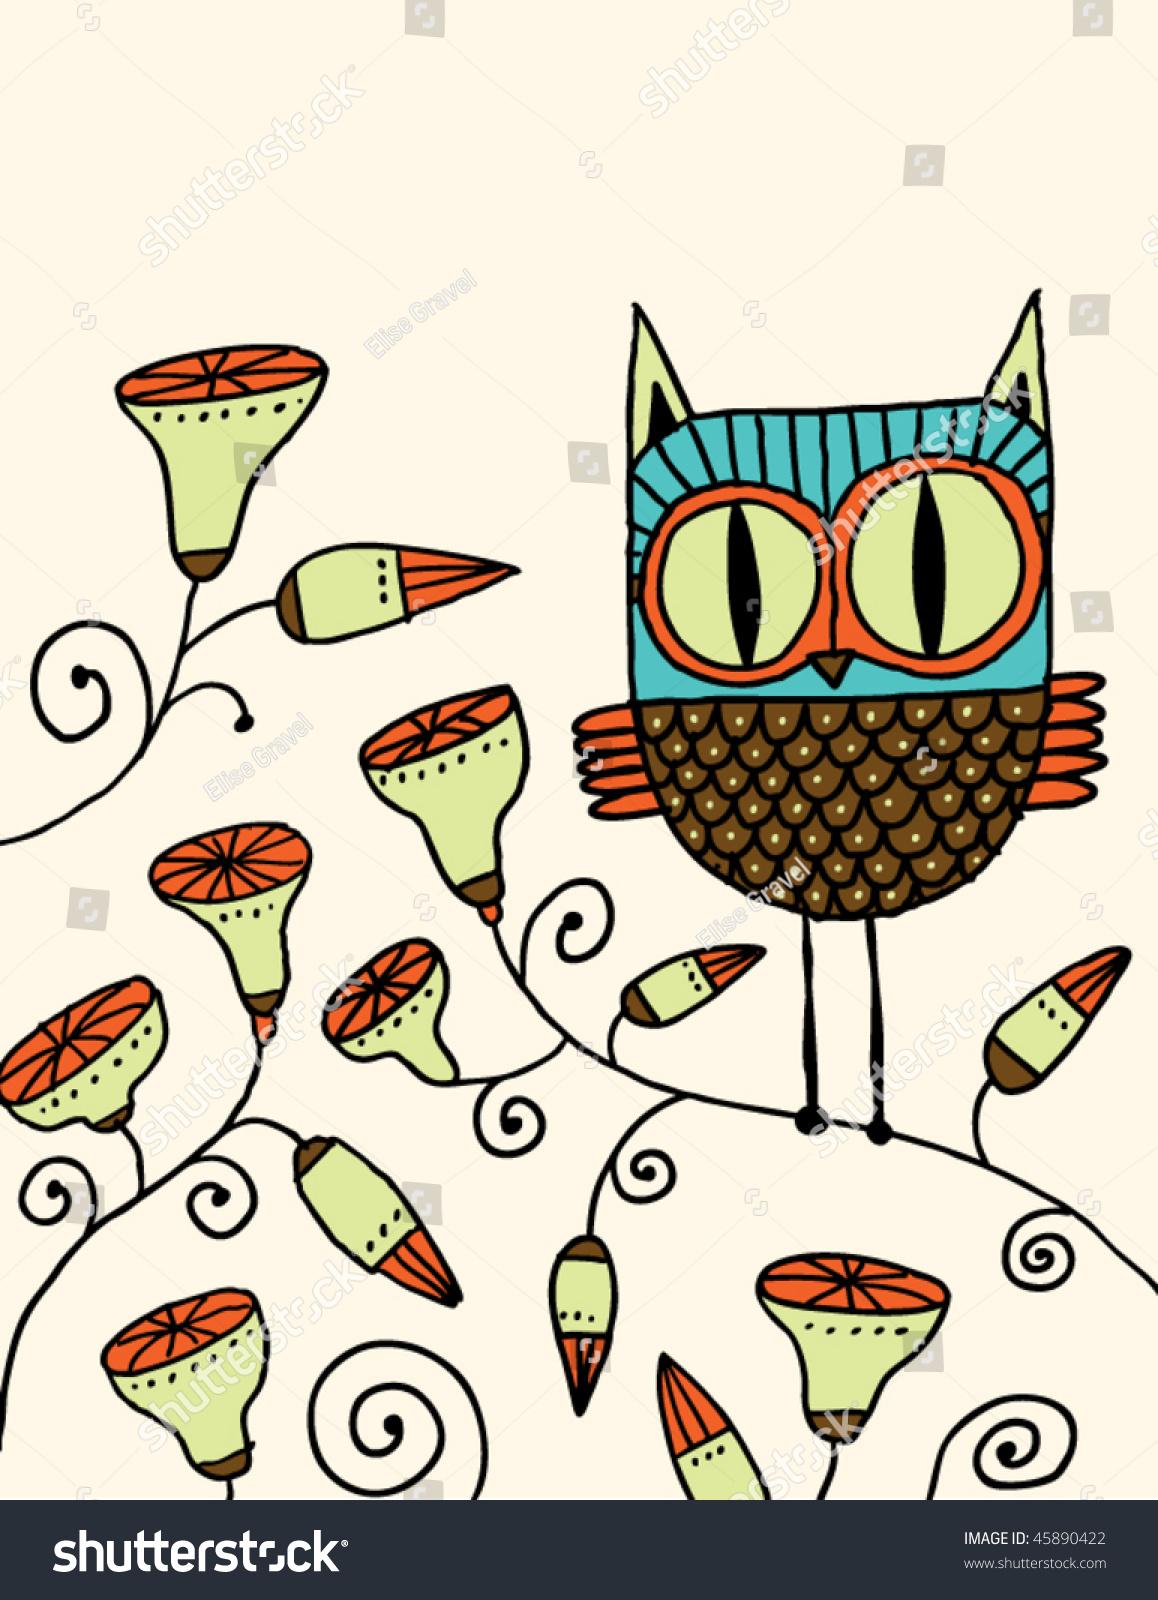 Cute Owl Doodle Stock Vector 45890422 - Shutterstock